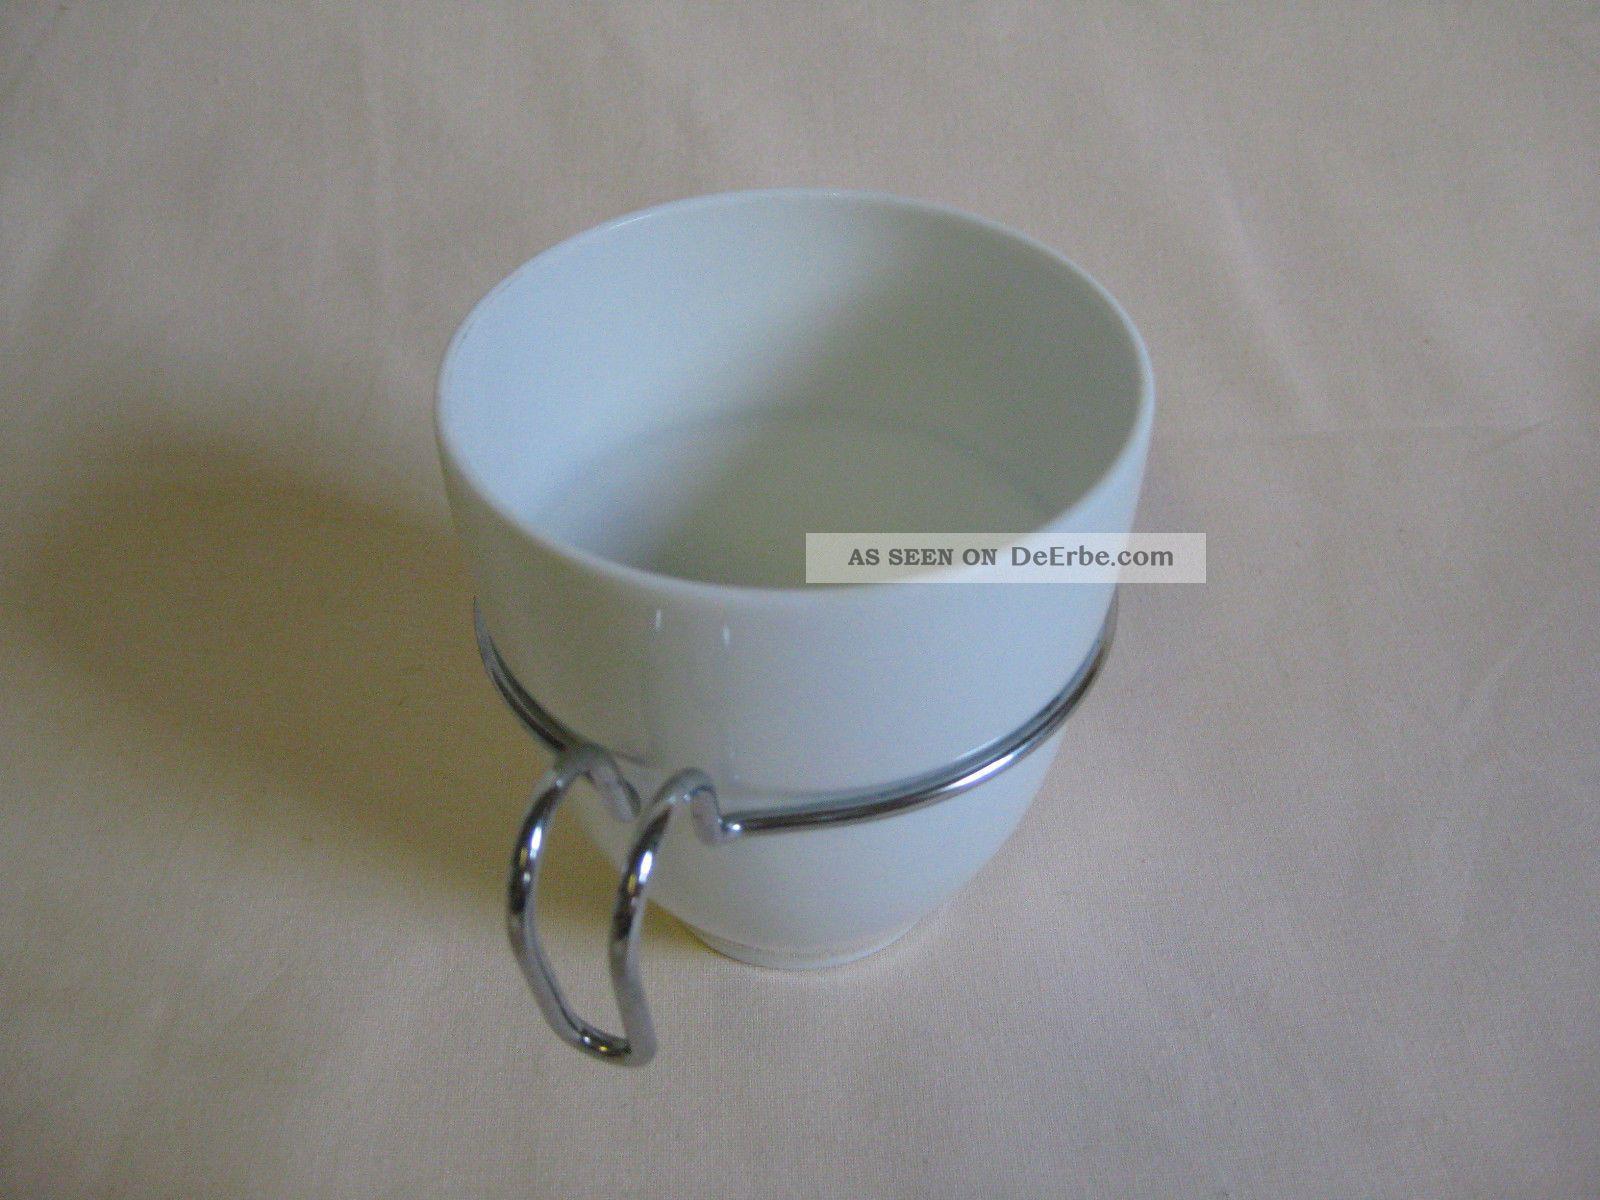 Lampe Kaffeetasse : 2x Mono Gemiini Kaffeetasse Tasse Untertasse ...